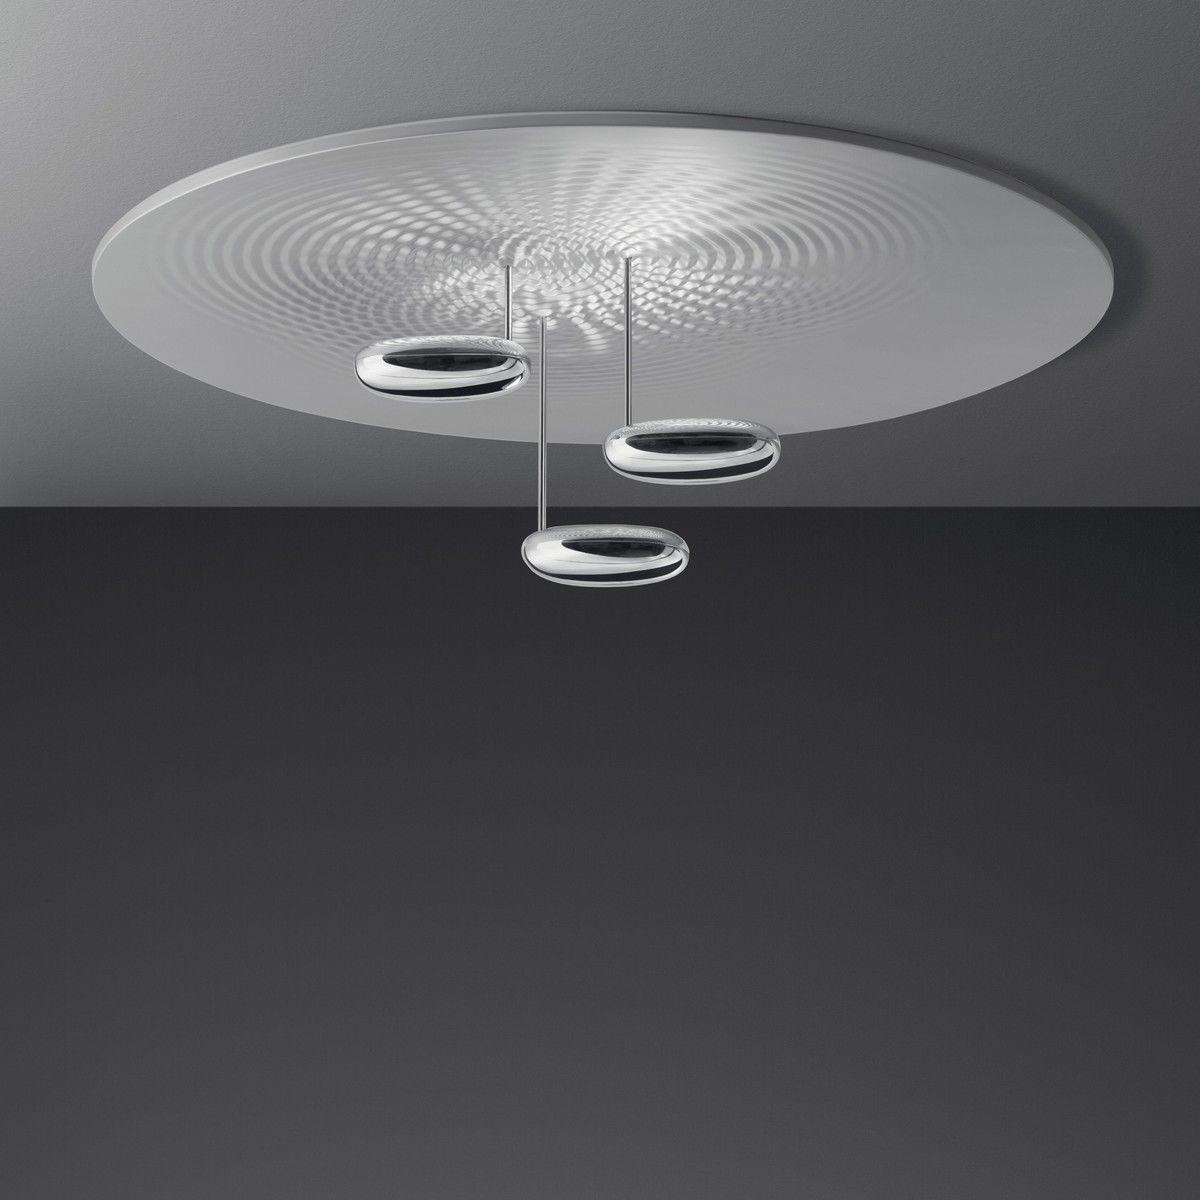 Wohnzimmer Deckenlampen